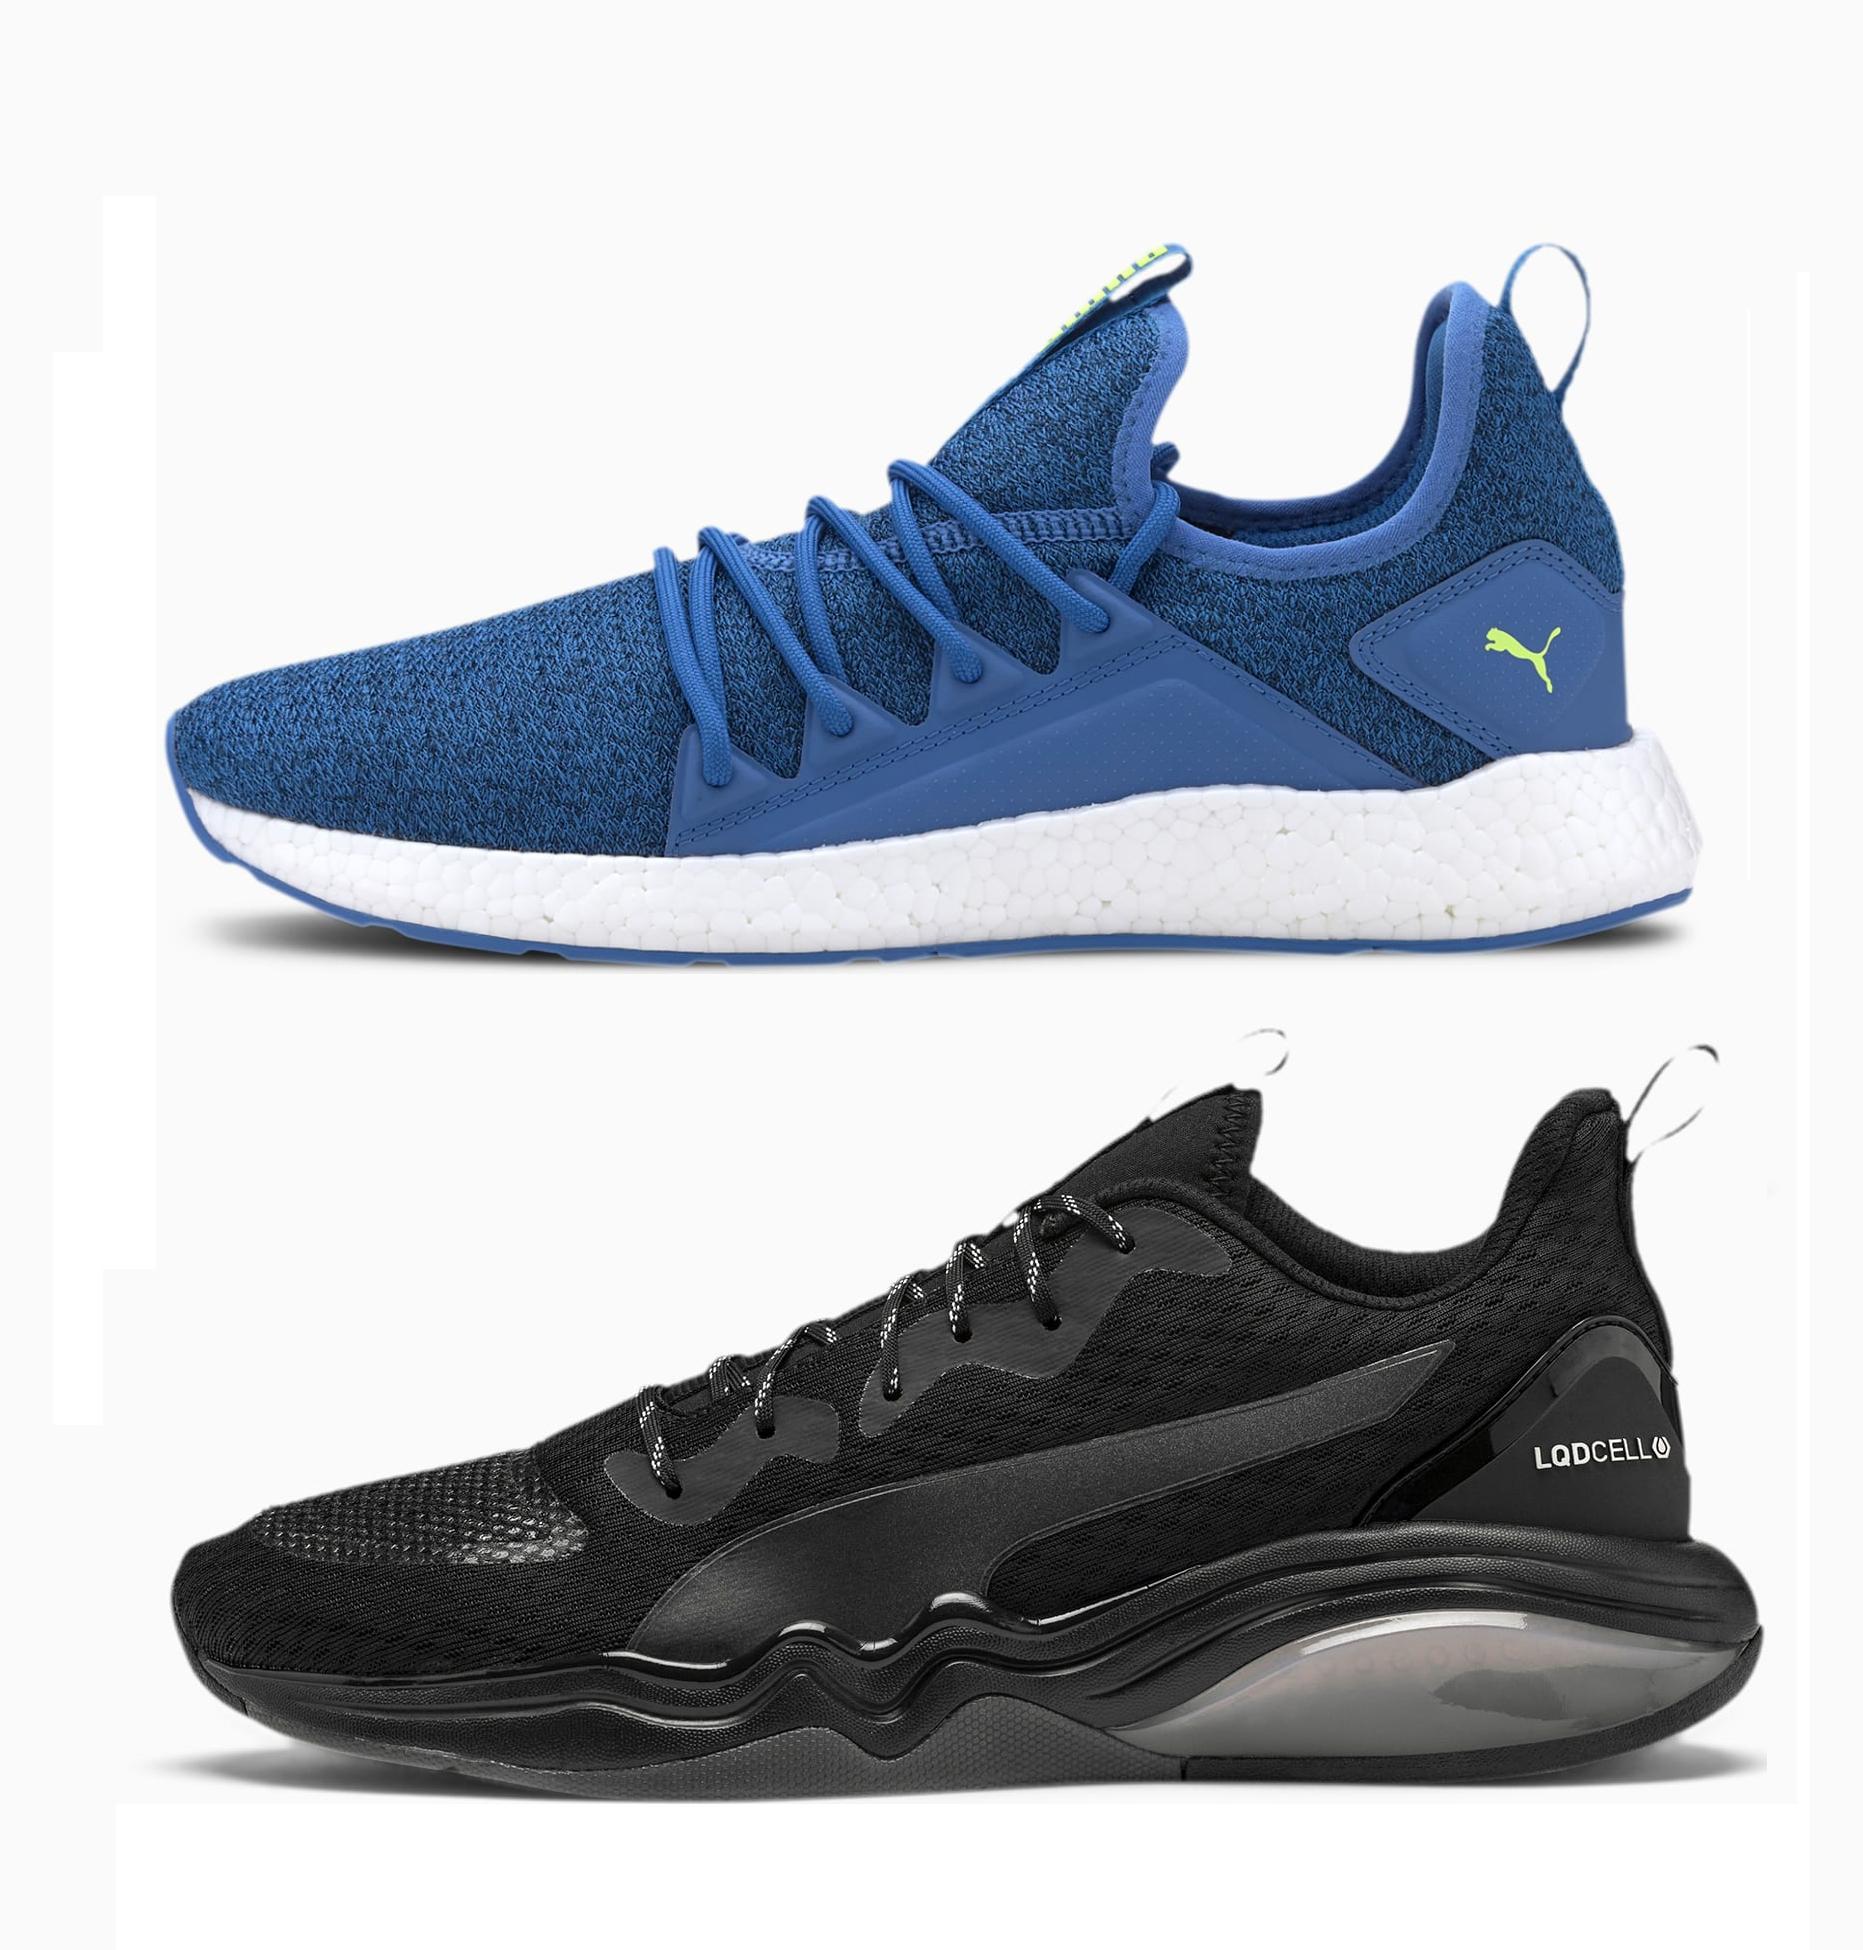 Buty Puma - zestawienie sportowych modeli